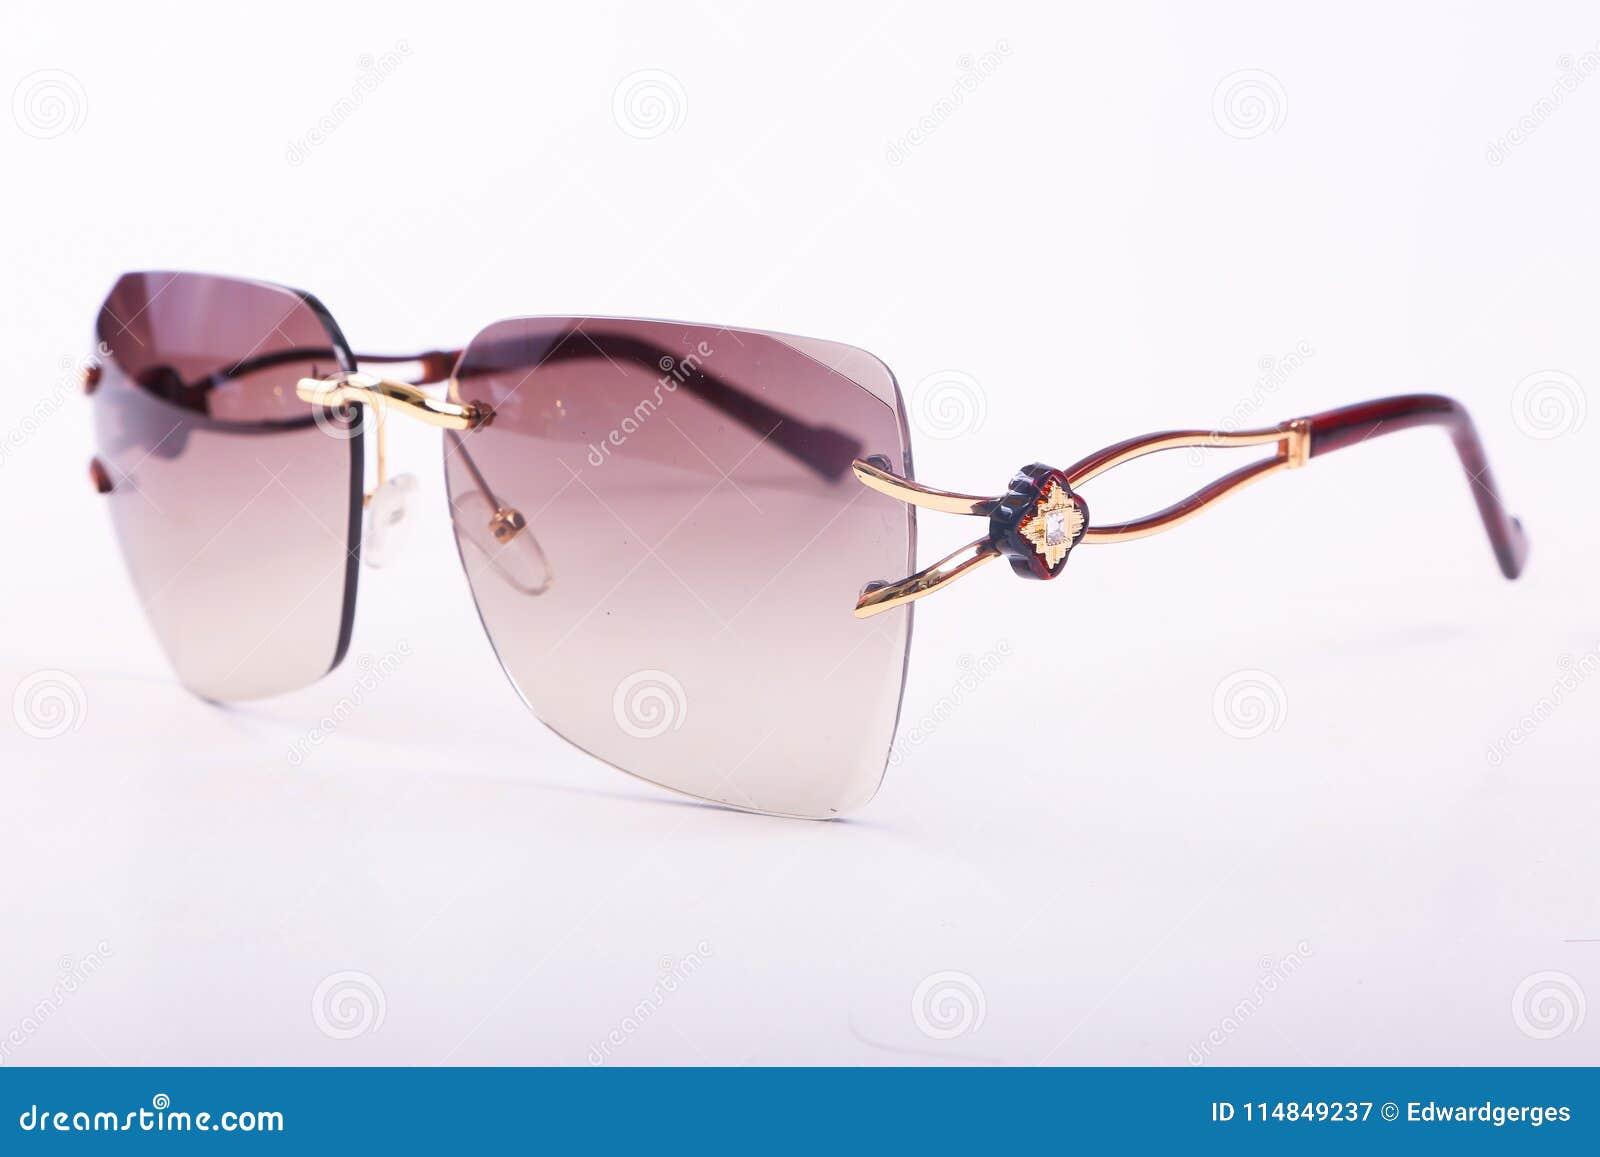 Zonnebril voor moderne vrouwen